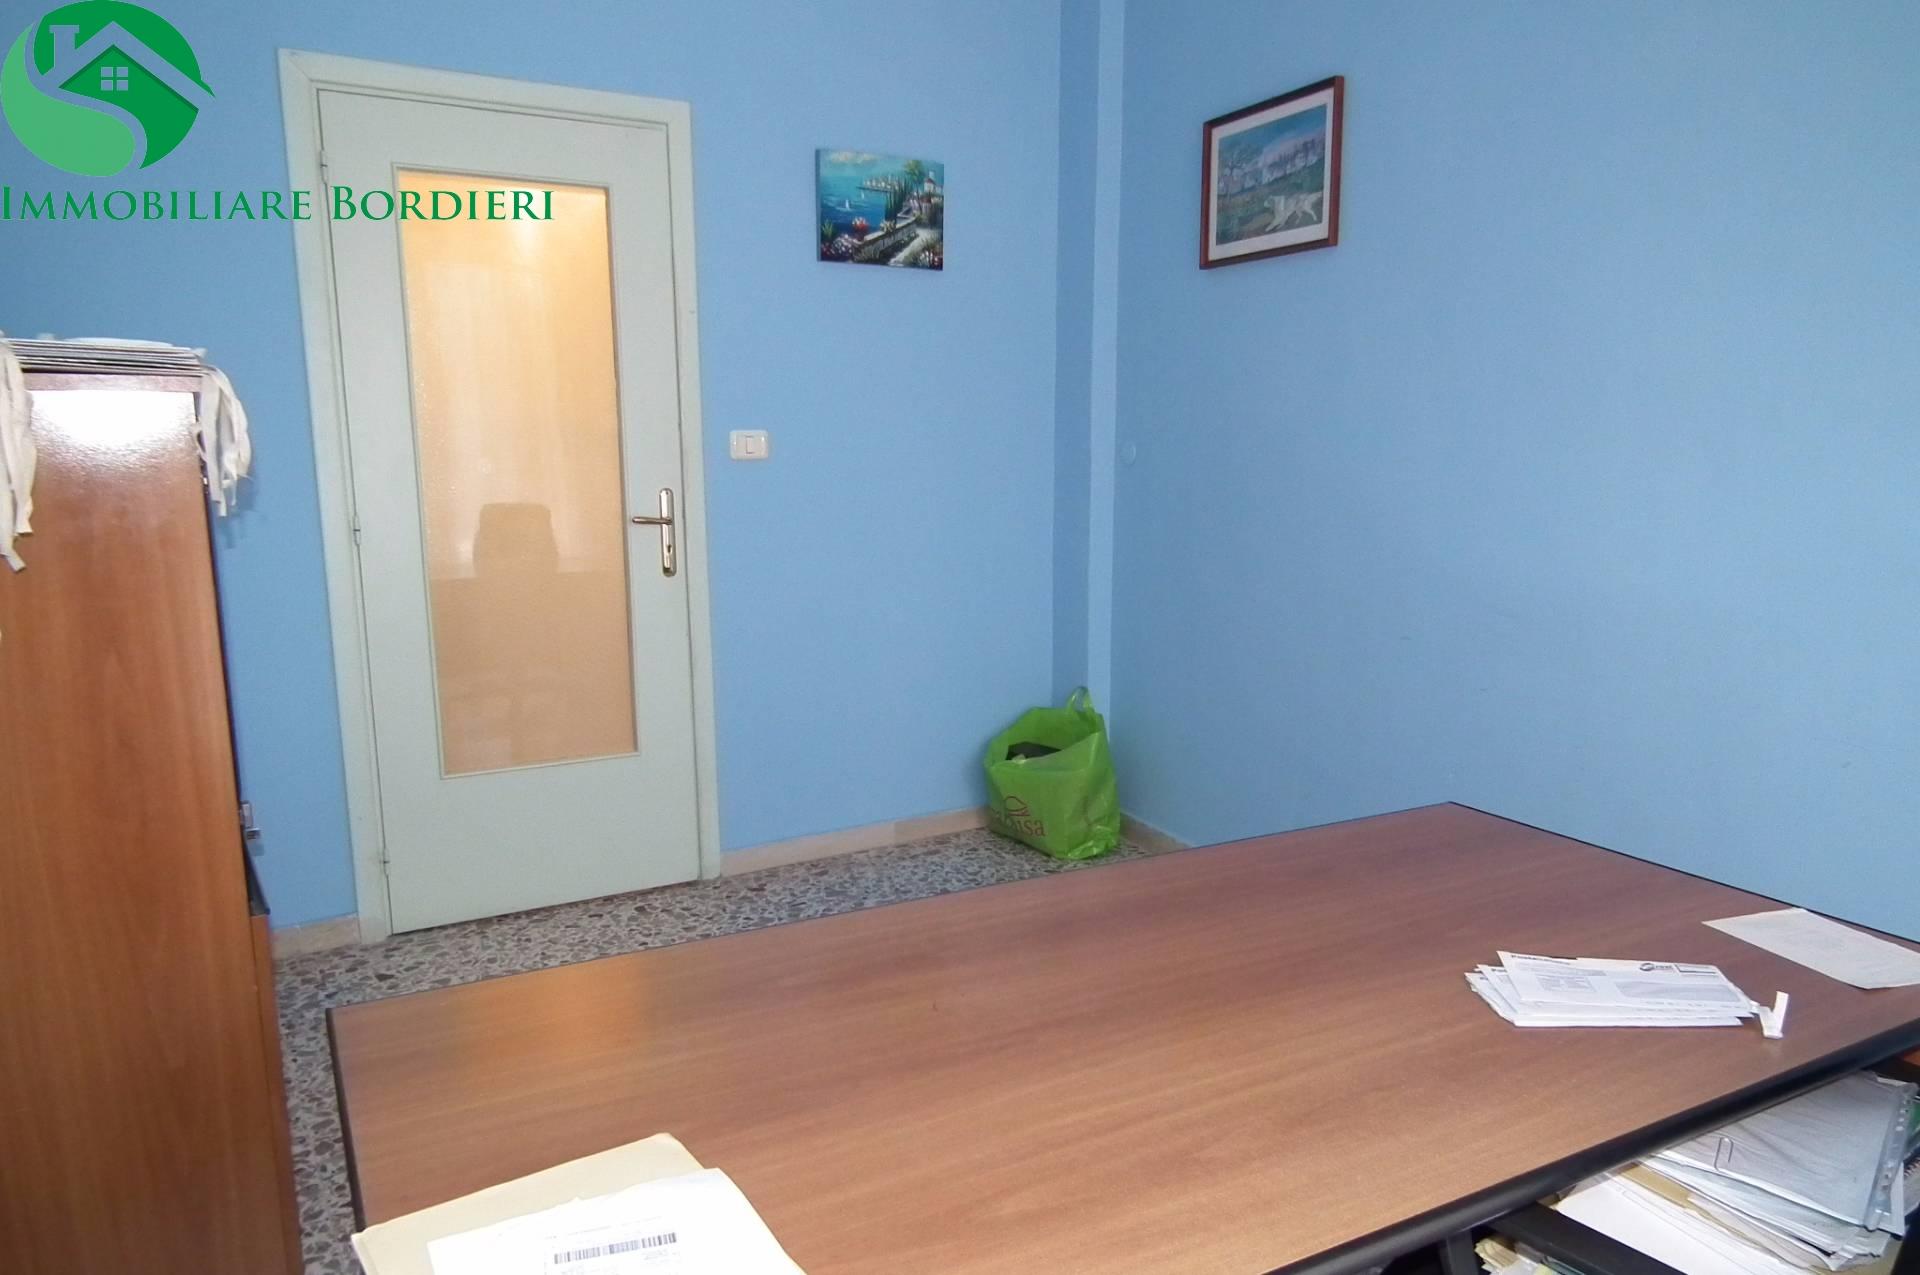 Ufficio / Studio in affitto a Siracusa, 9999 locali, zona Zona: Tica-tisia, prezzo € 400 | CambioCasa.it